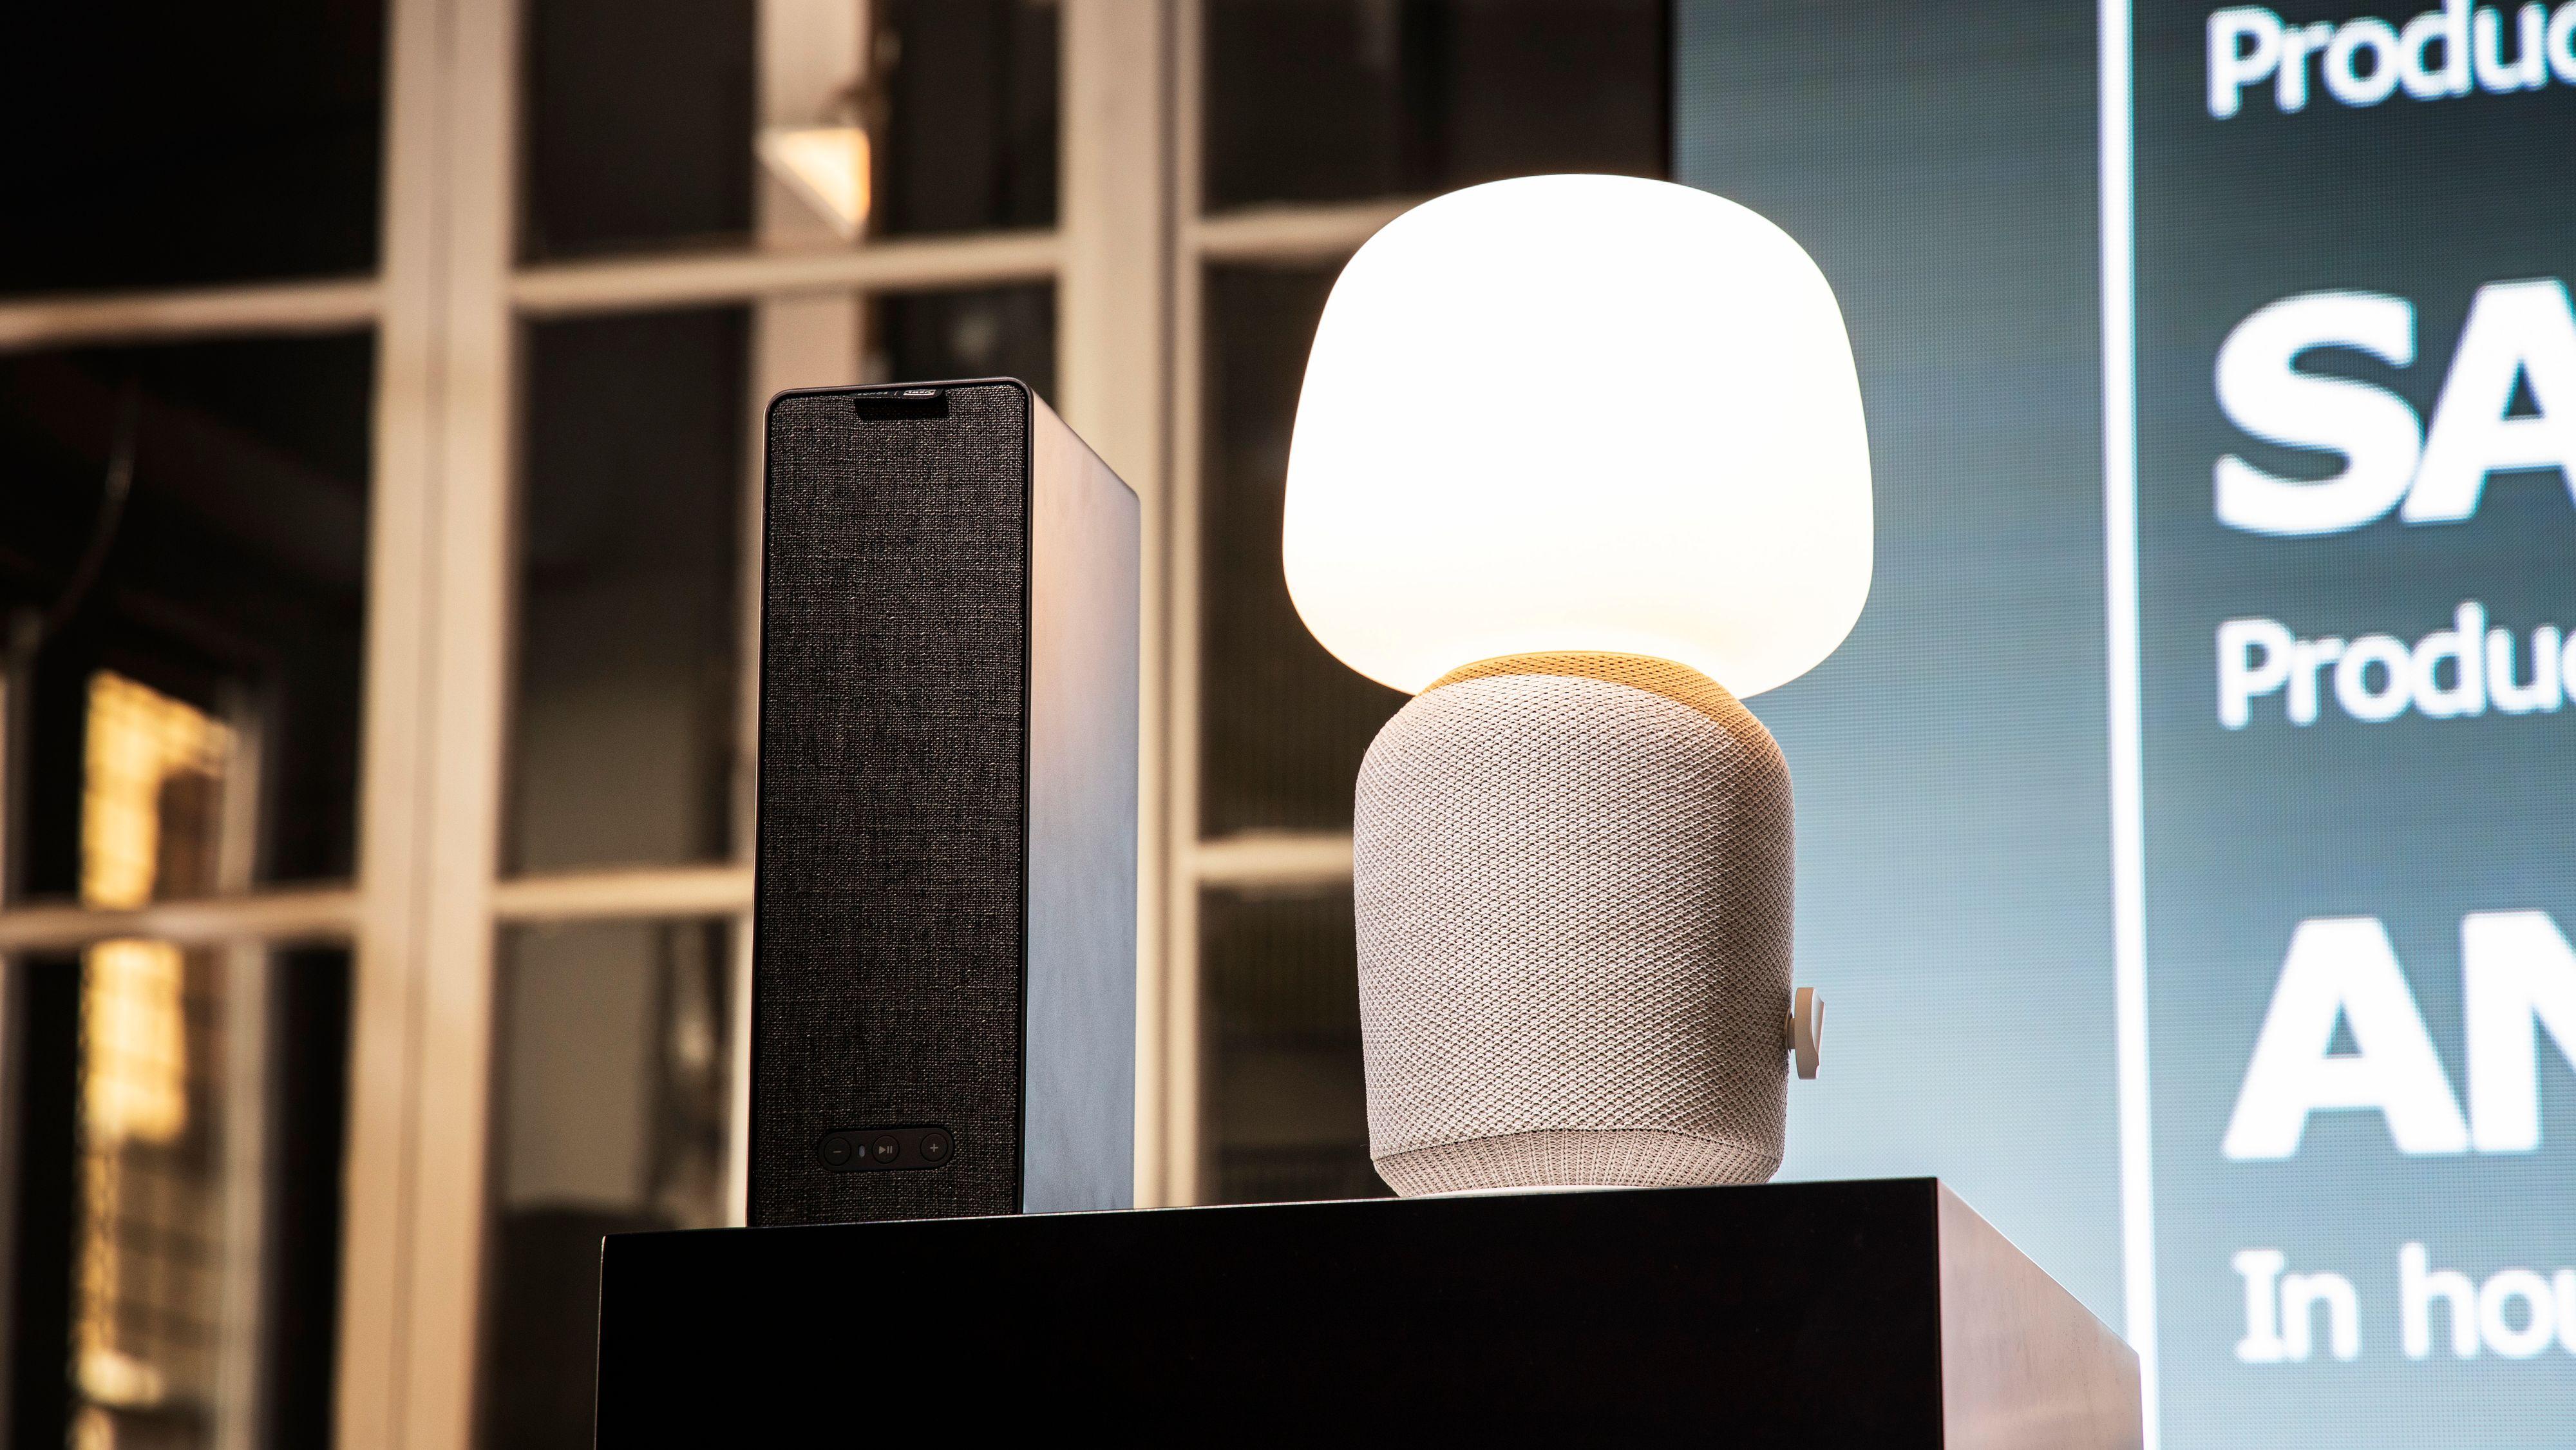 Ikeas samarbeid med Sonos har så langt resultert i en høyttaler og en kombinert bordlampe og høyttaler. Det kommer mer.